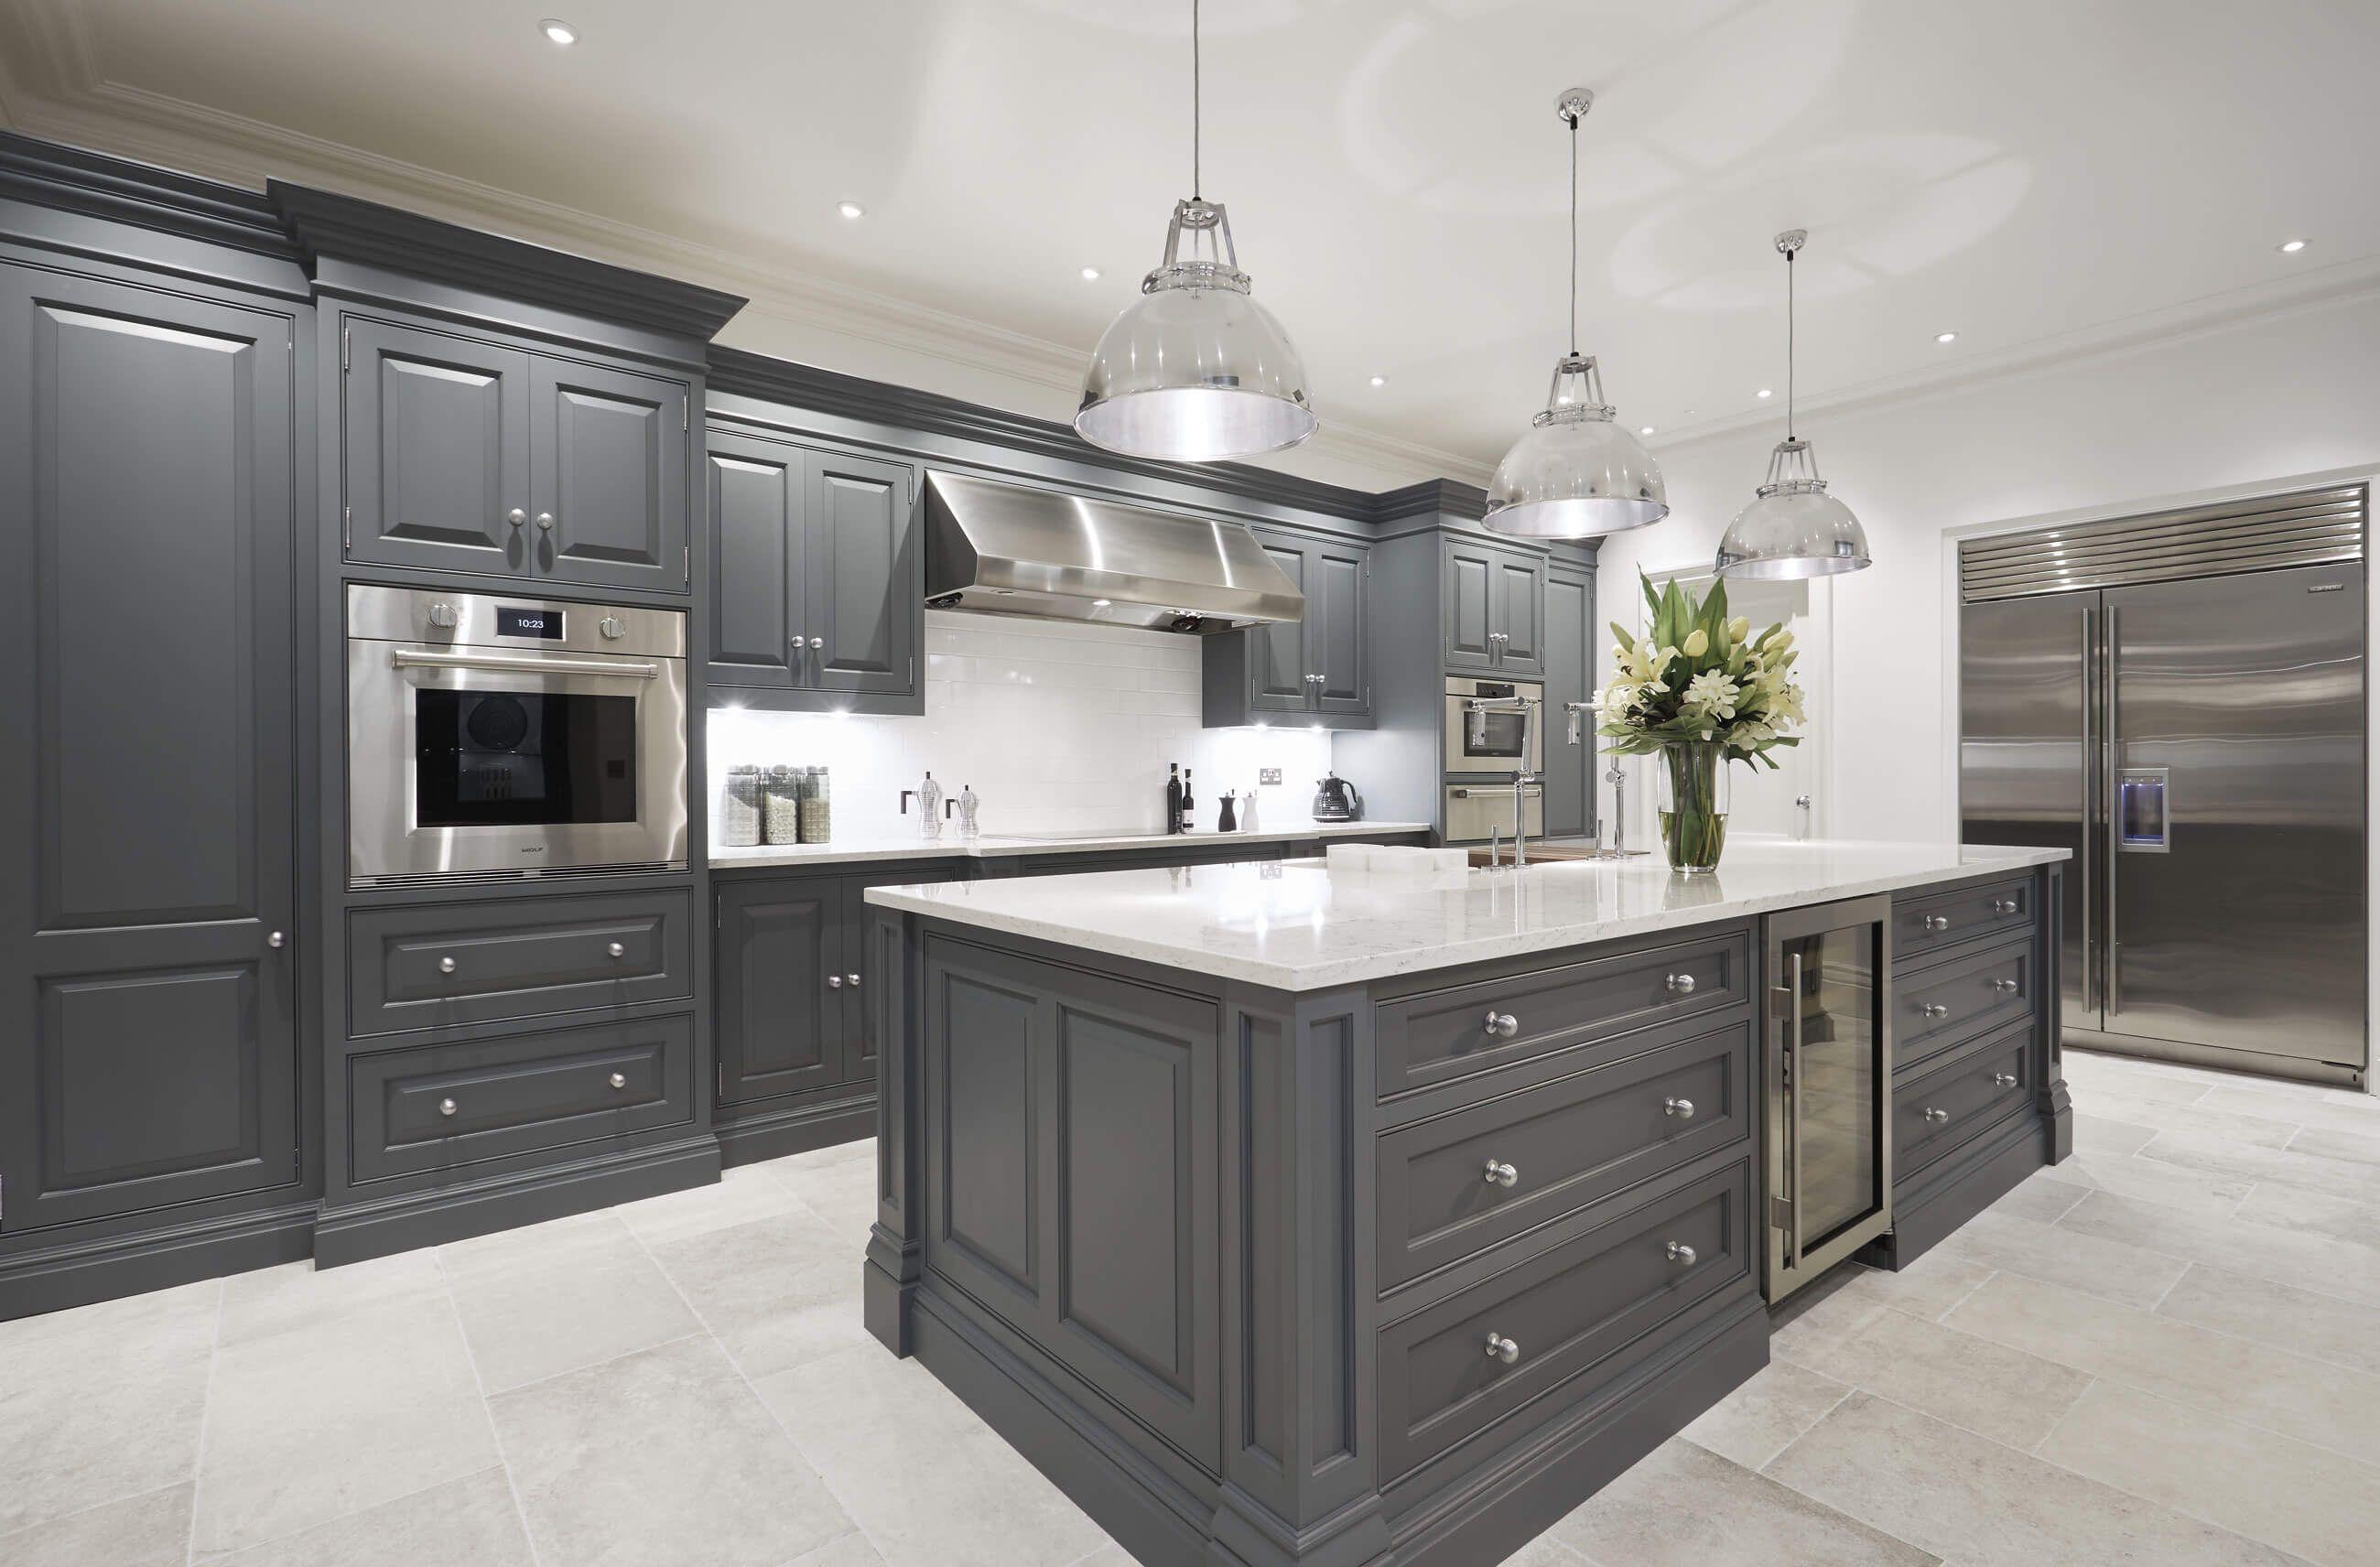 Luxury Grey Kitchen Grey kitchen designs, Grey kitchen